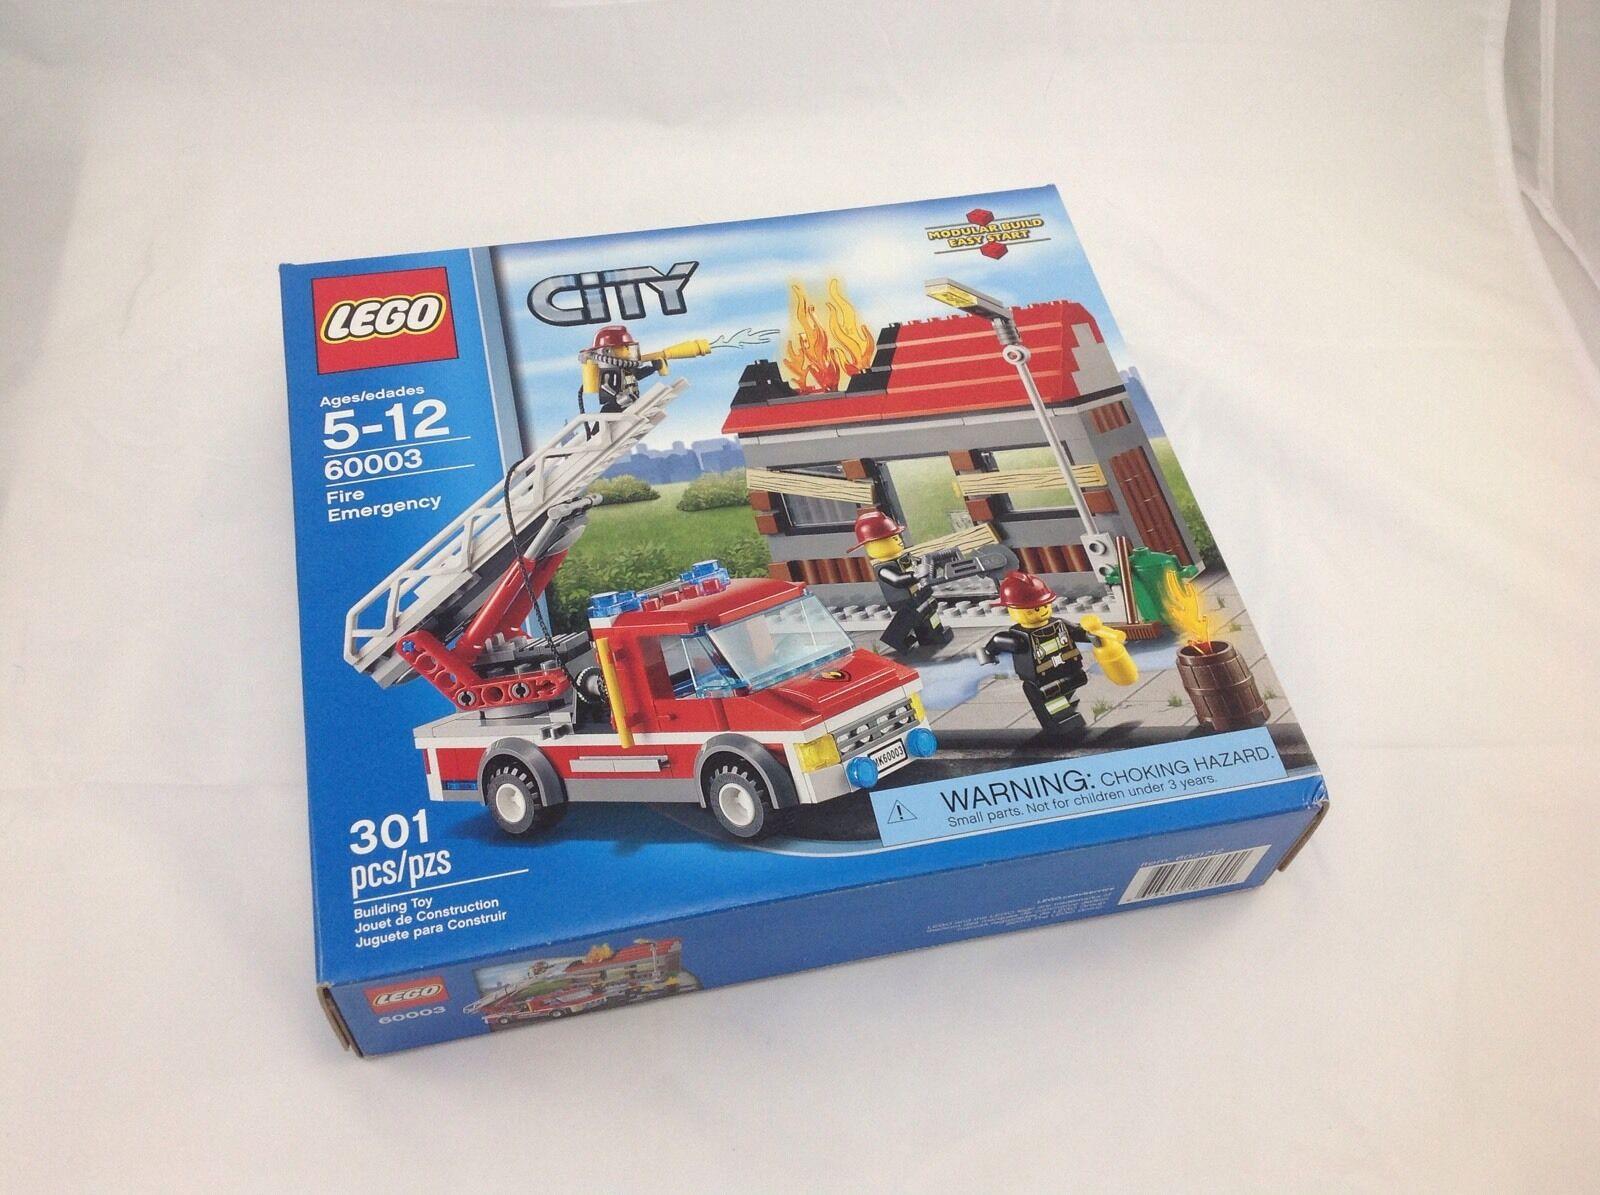 prezzi bassi LEGO città Fire Fire Fire Emergency 60003 bre nuovo in scatola NIB gratuito shipping  design semplice e generoso